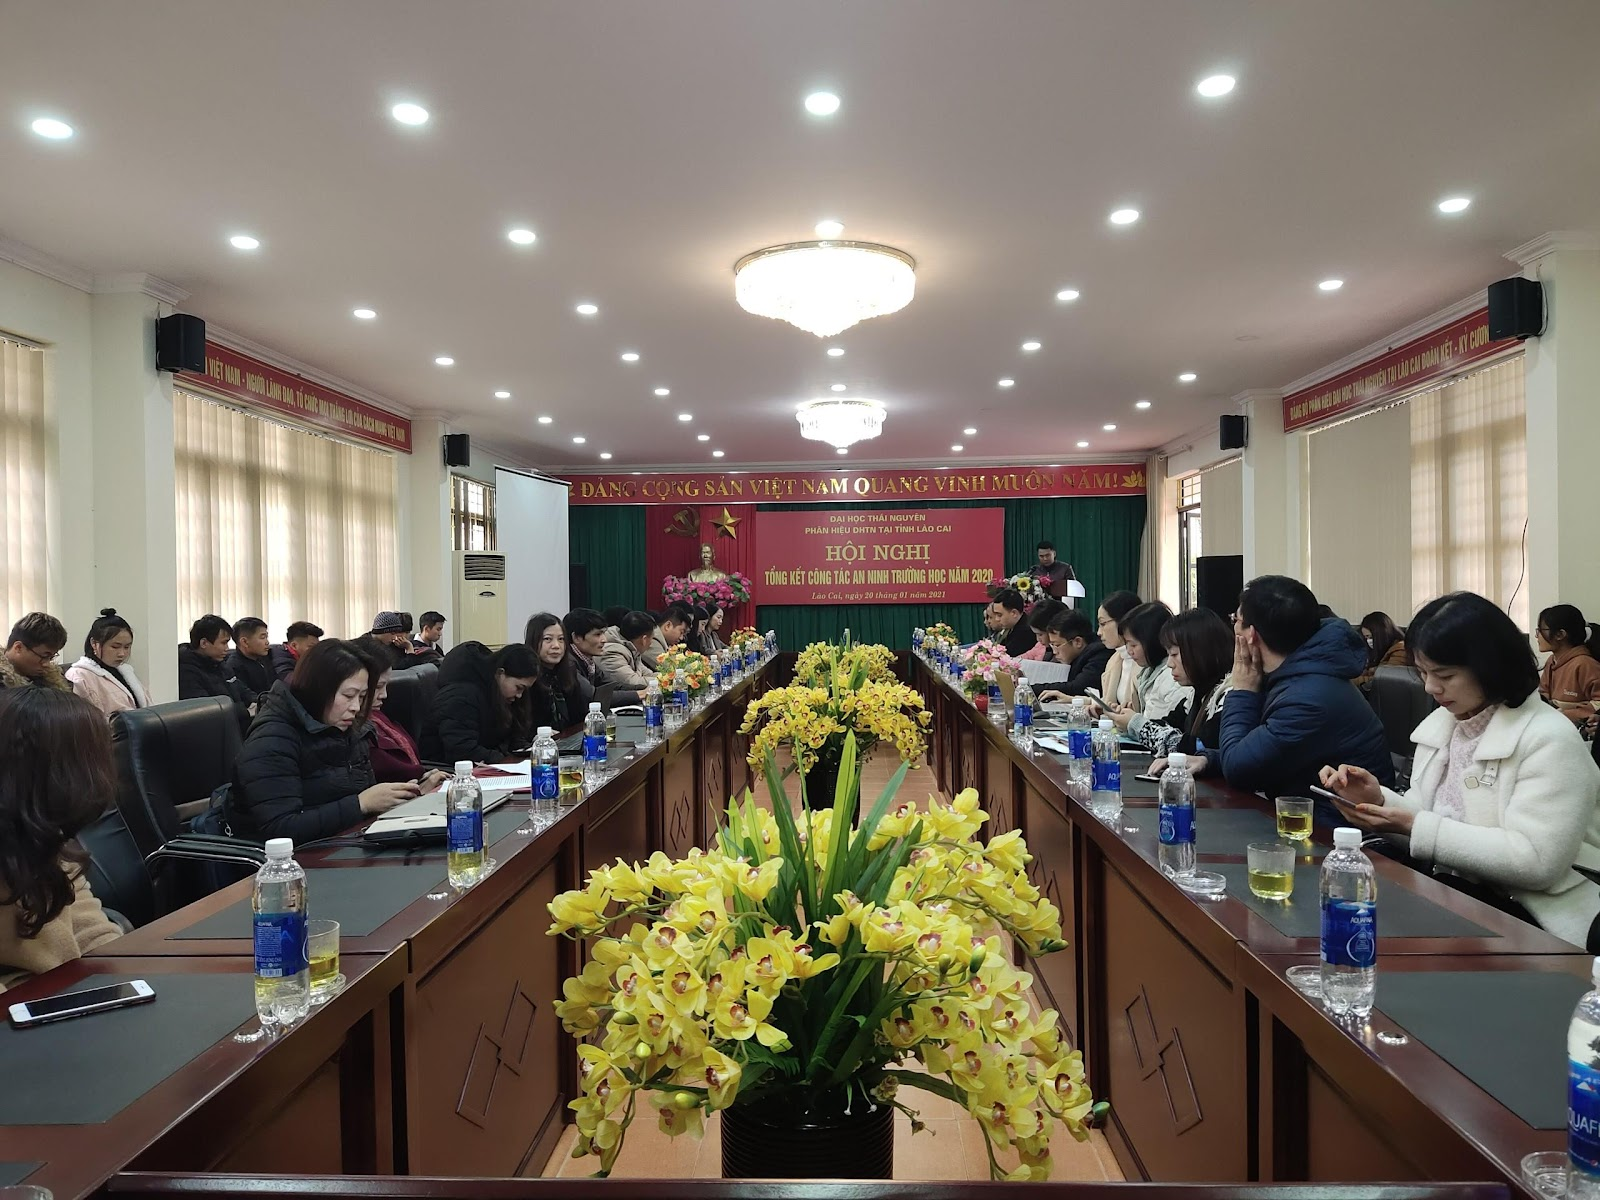 Phân hiệu Đại học Thái nguyên tổ chức Hội nghị tổng kết  công tác đảm bảo an ninh trật tự trường học năm 2020